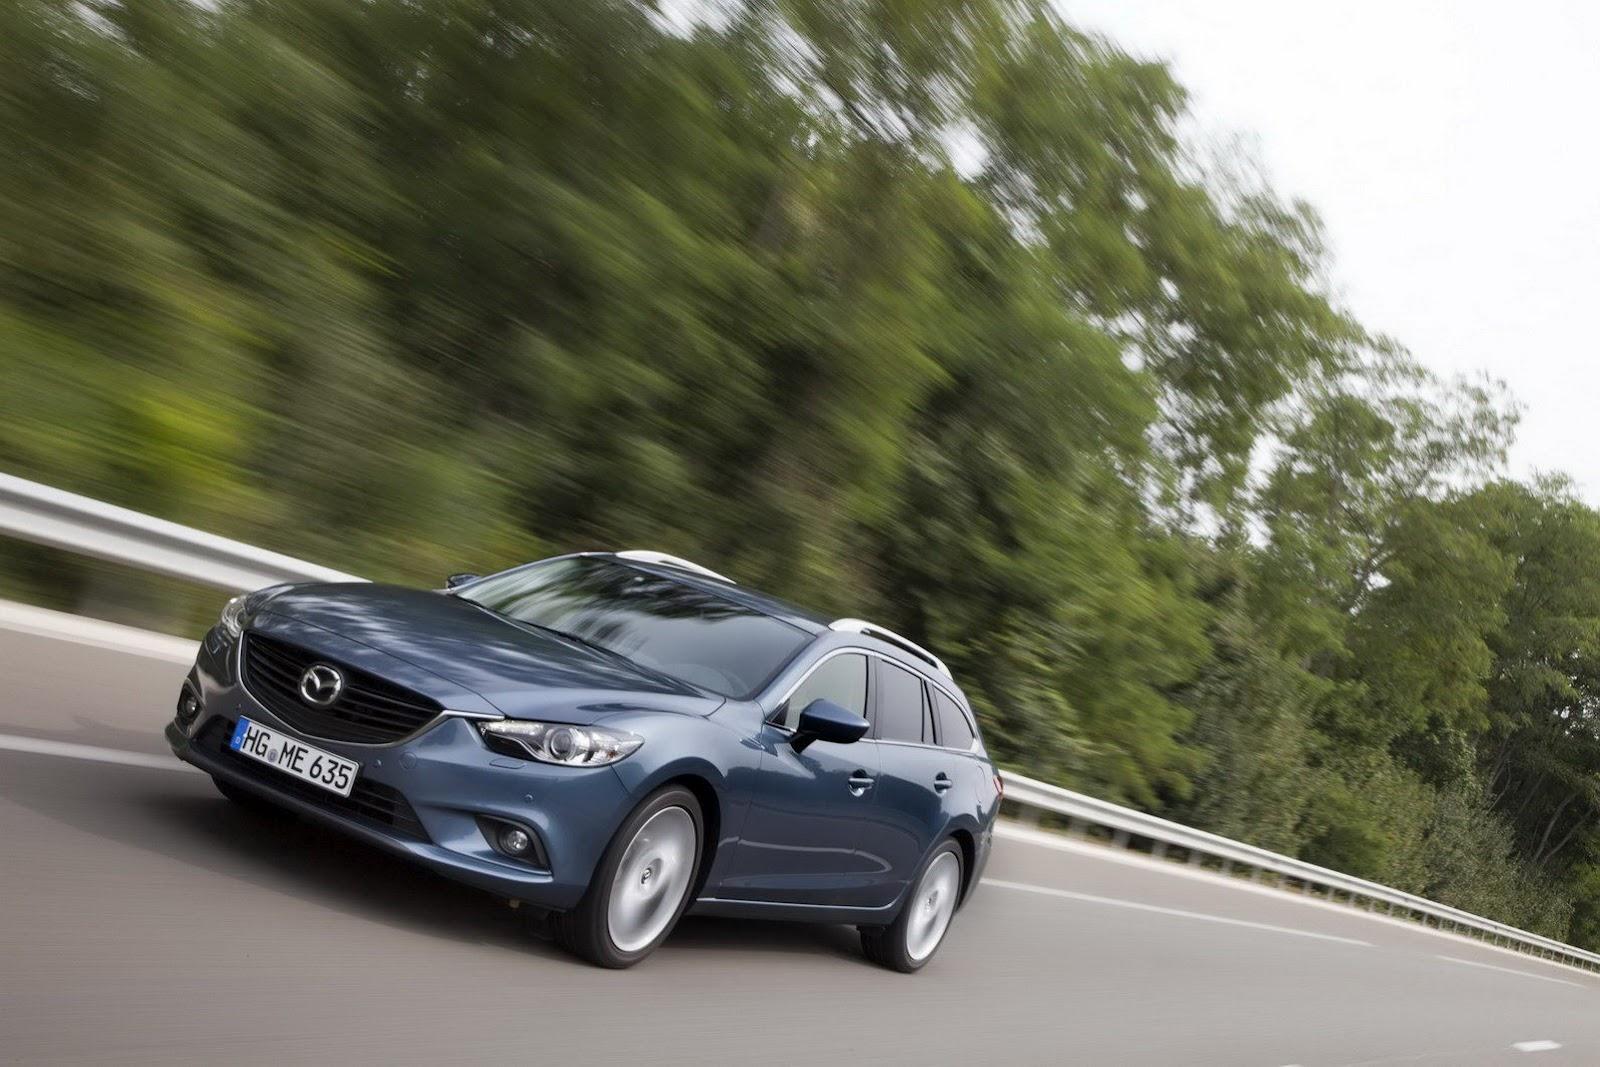 2012 - [Mazda] 6 III - Page 10 Mazda6-2012-109%25255B2%25255D